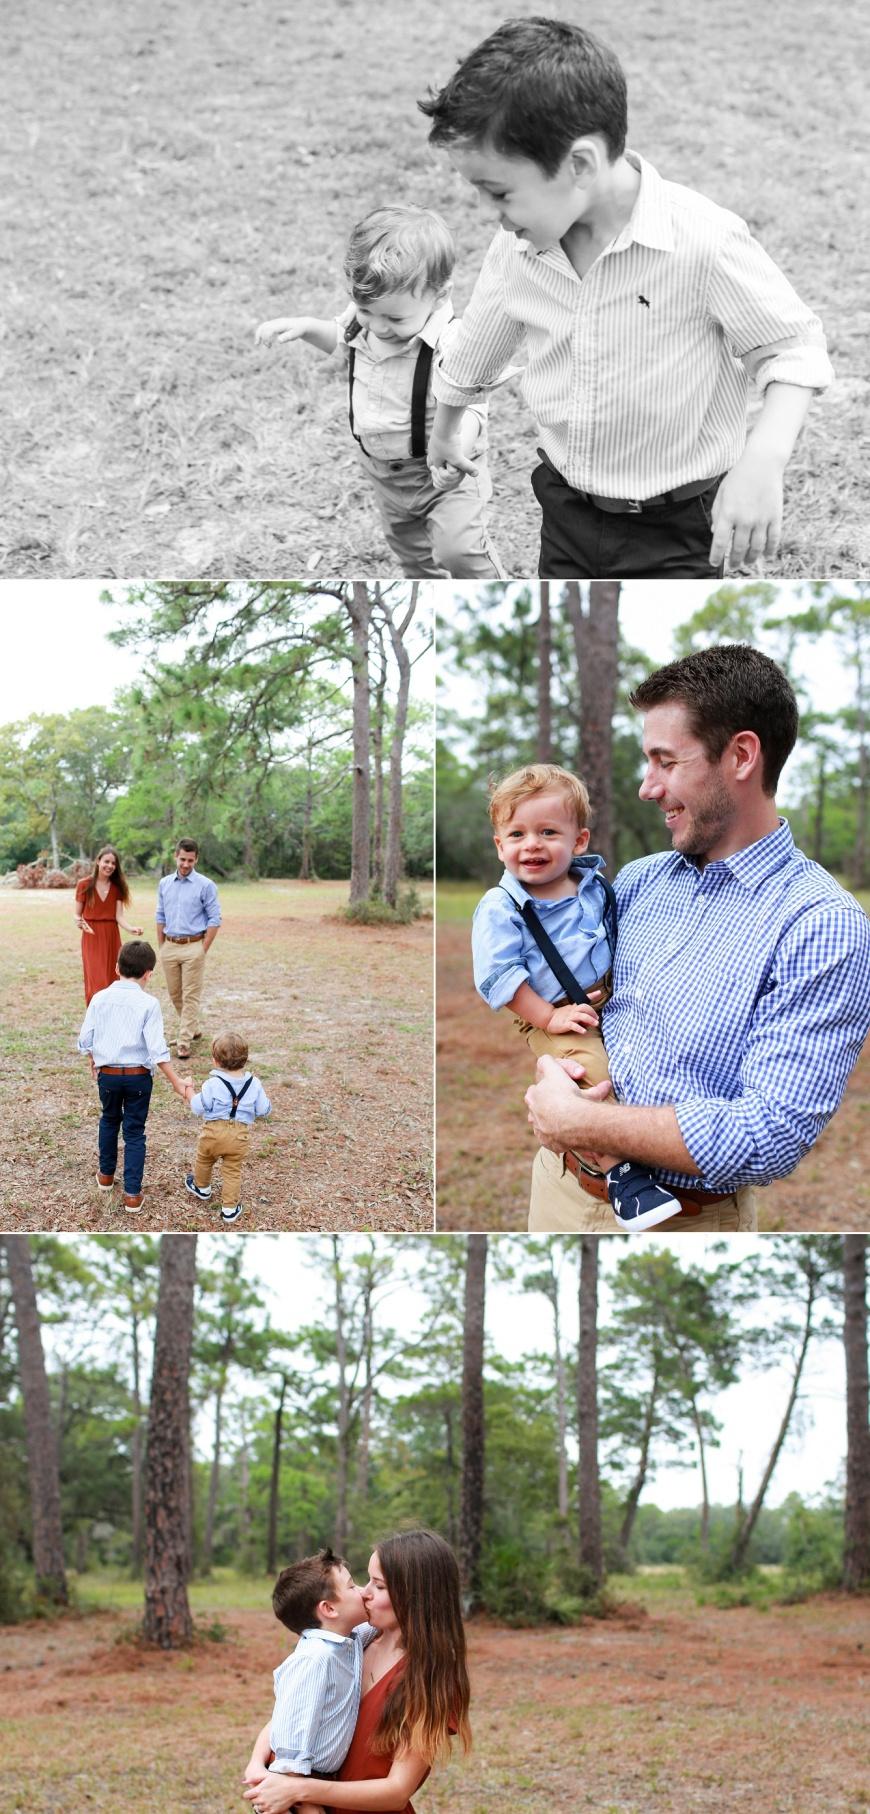 White-Point-Park-Niceville-Florida-Family-Photographer_1014.jpg